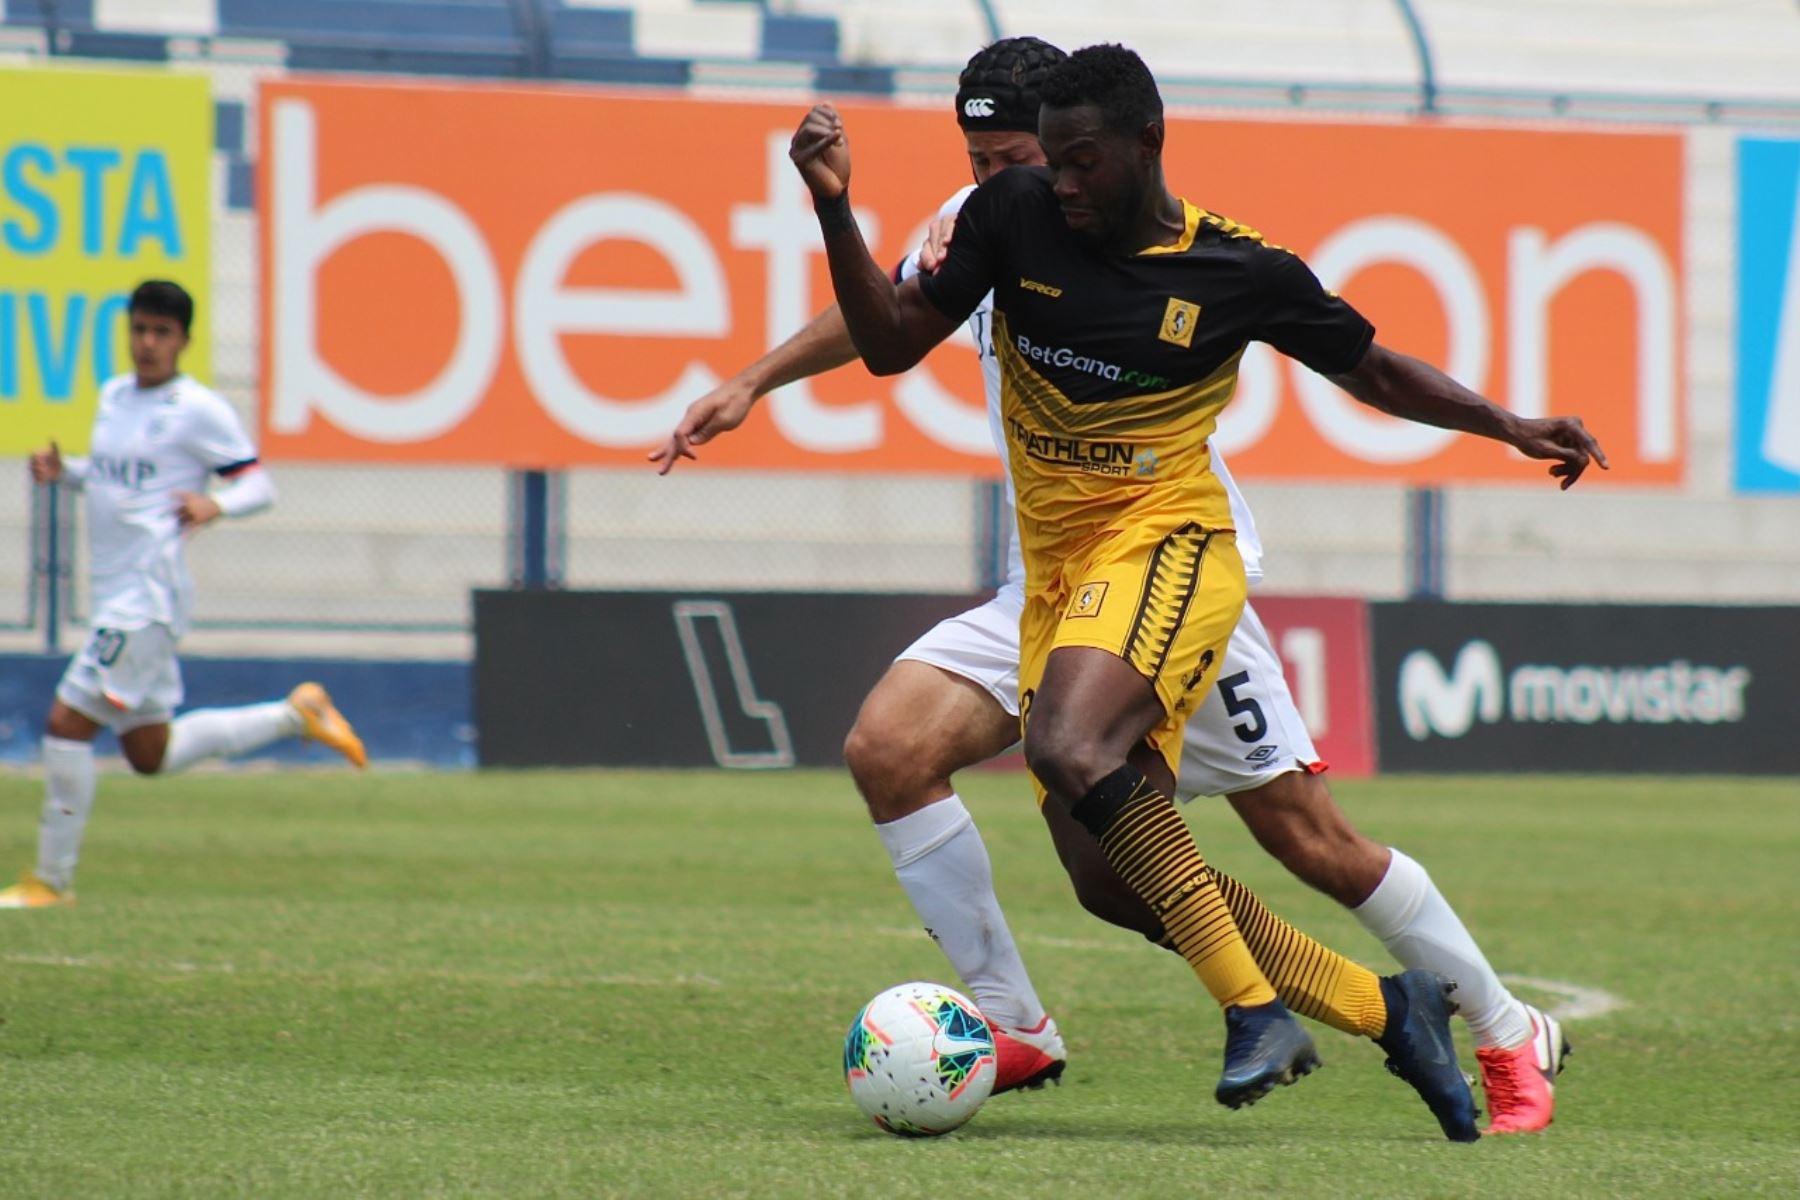 San Martín se enfrenta ante Cantolao por la octava jornada de la fase 2 de la Liga 1, en el estadio Iván Elías Moreno. Foto: Liga 1